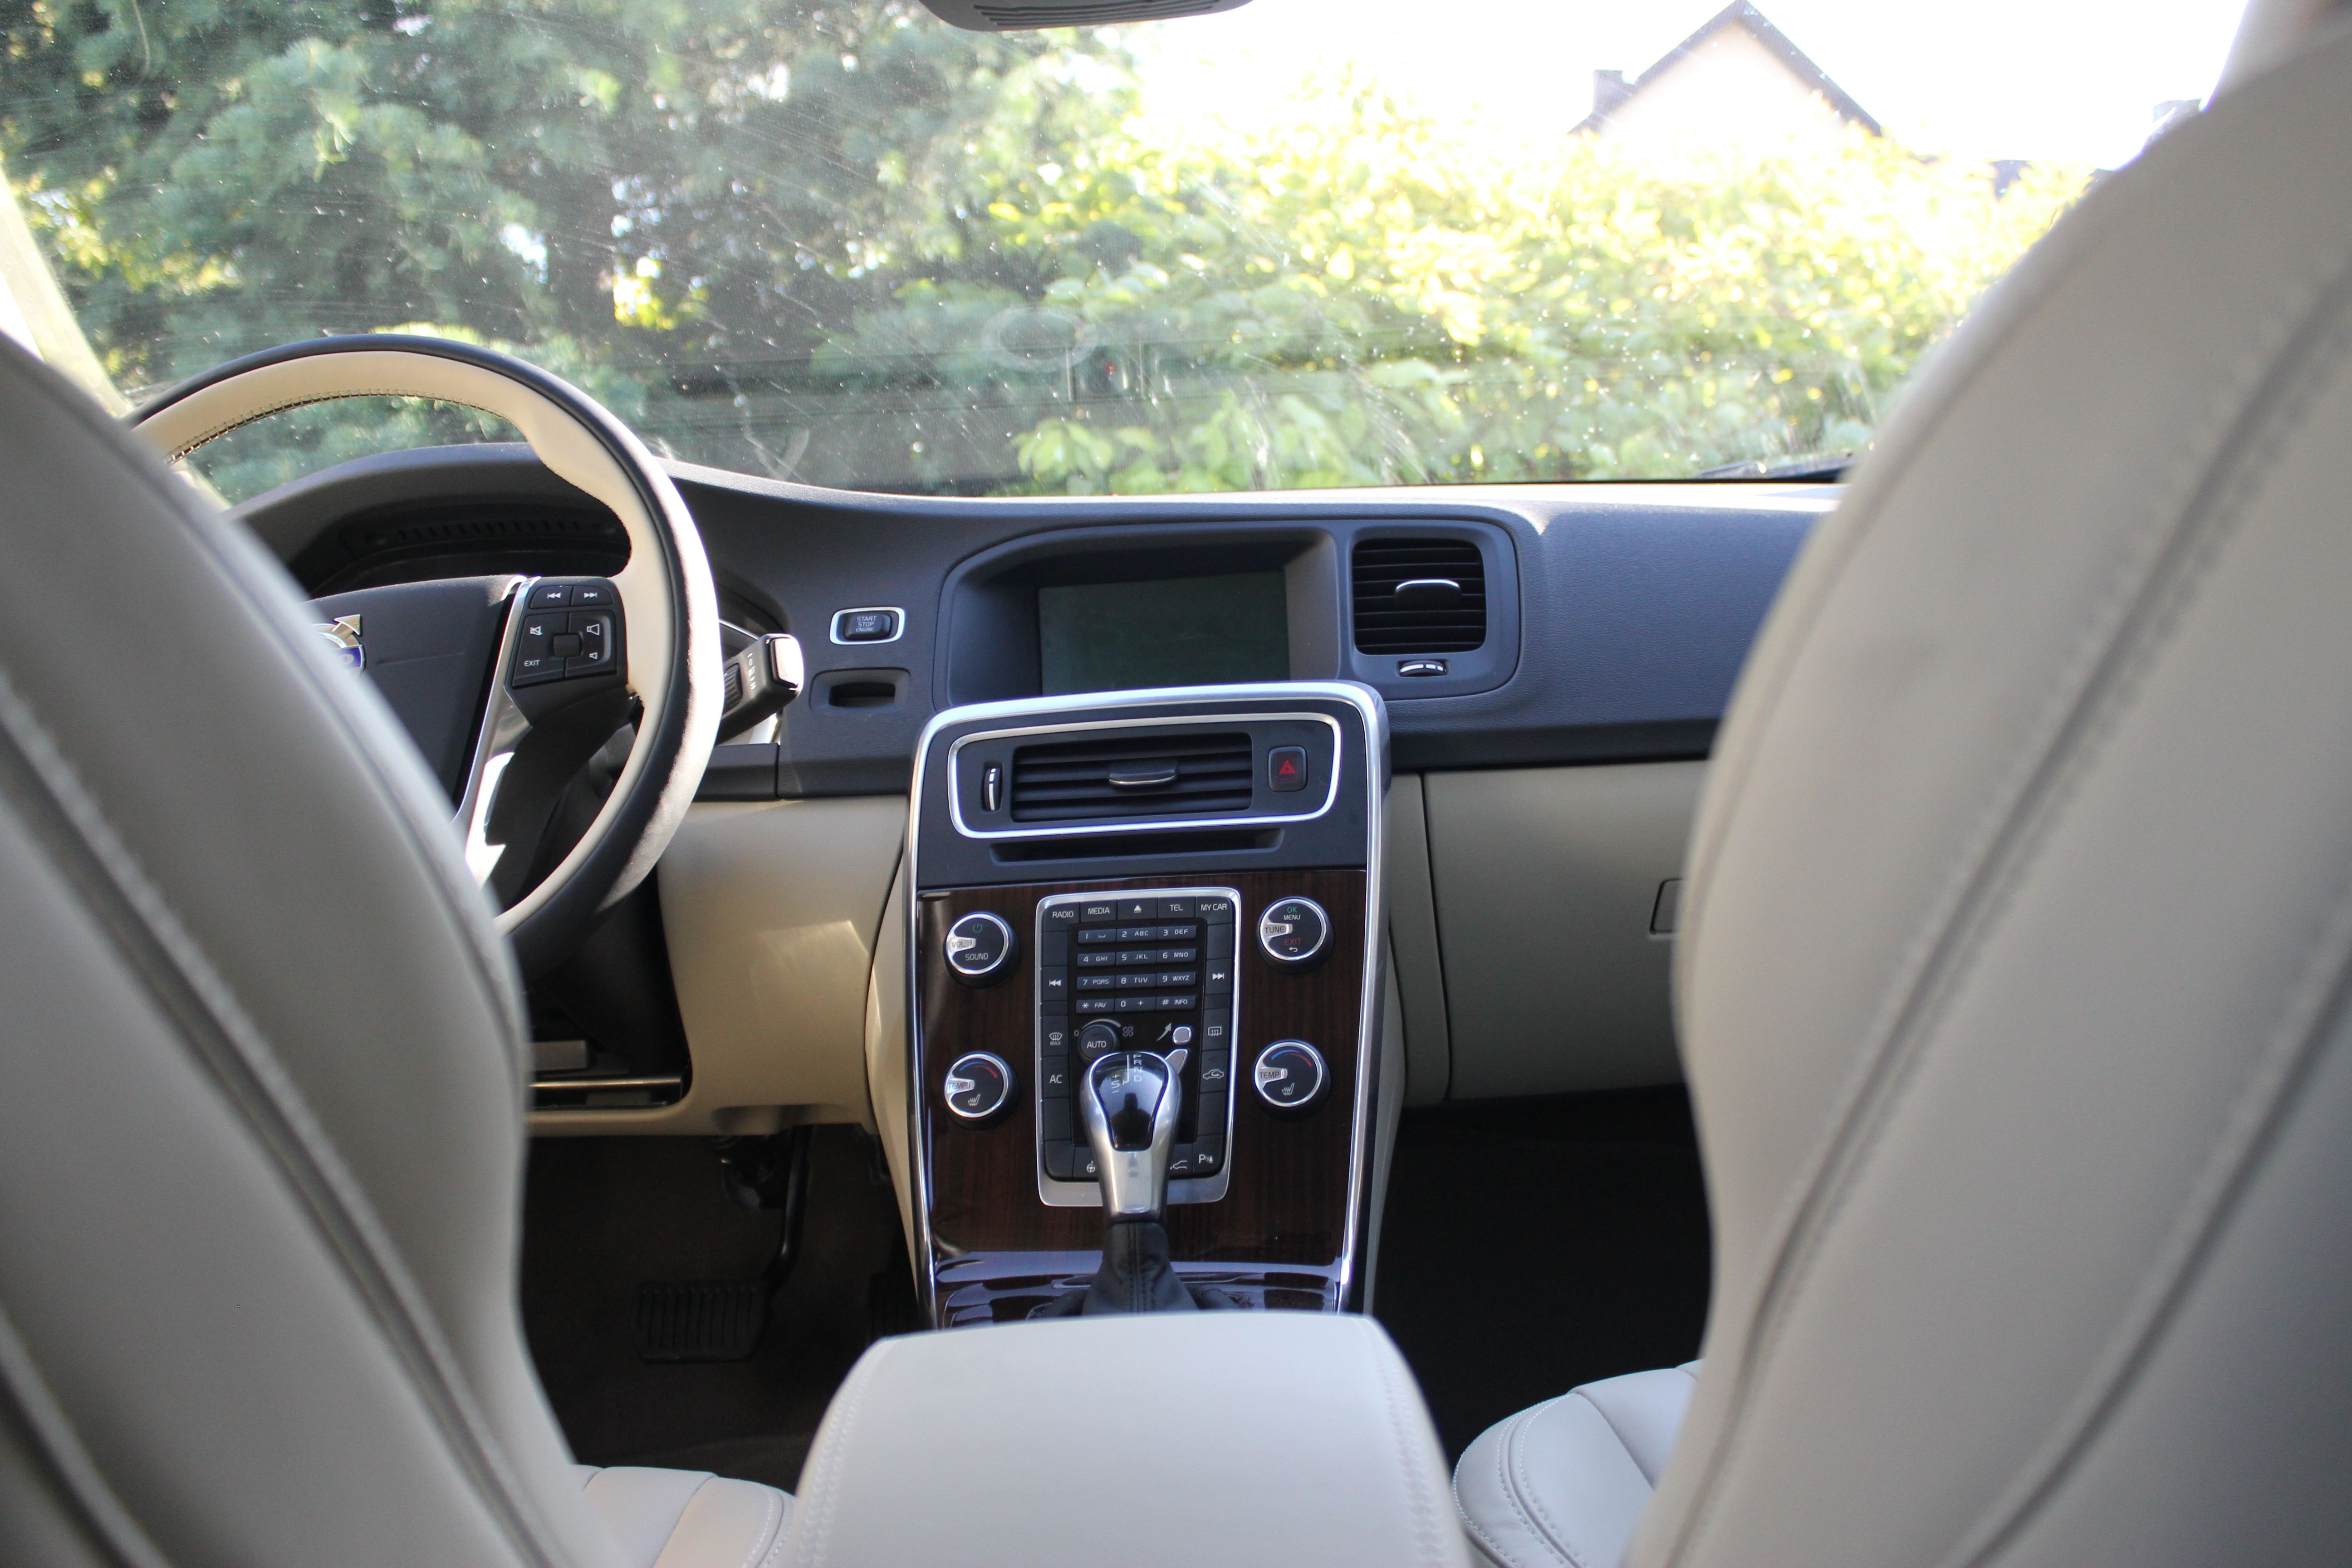 Smart Samochody są tak samo smart jak zegarki i telewizory, czyli prawie w ogóle